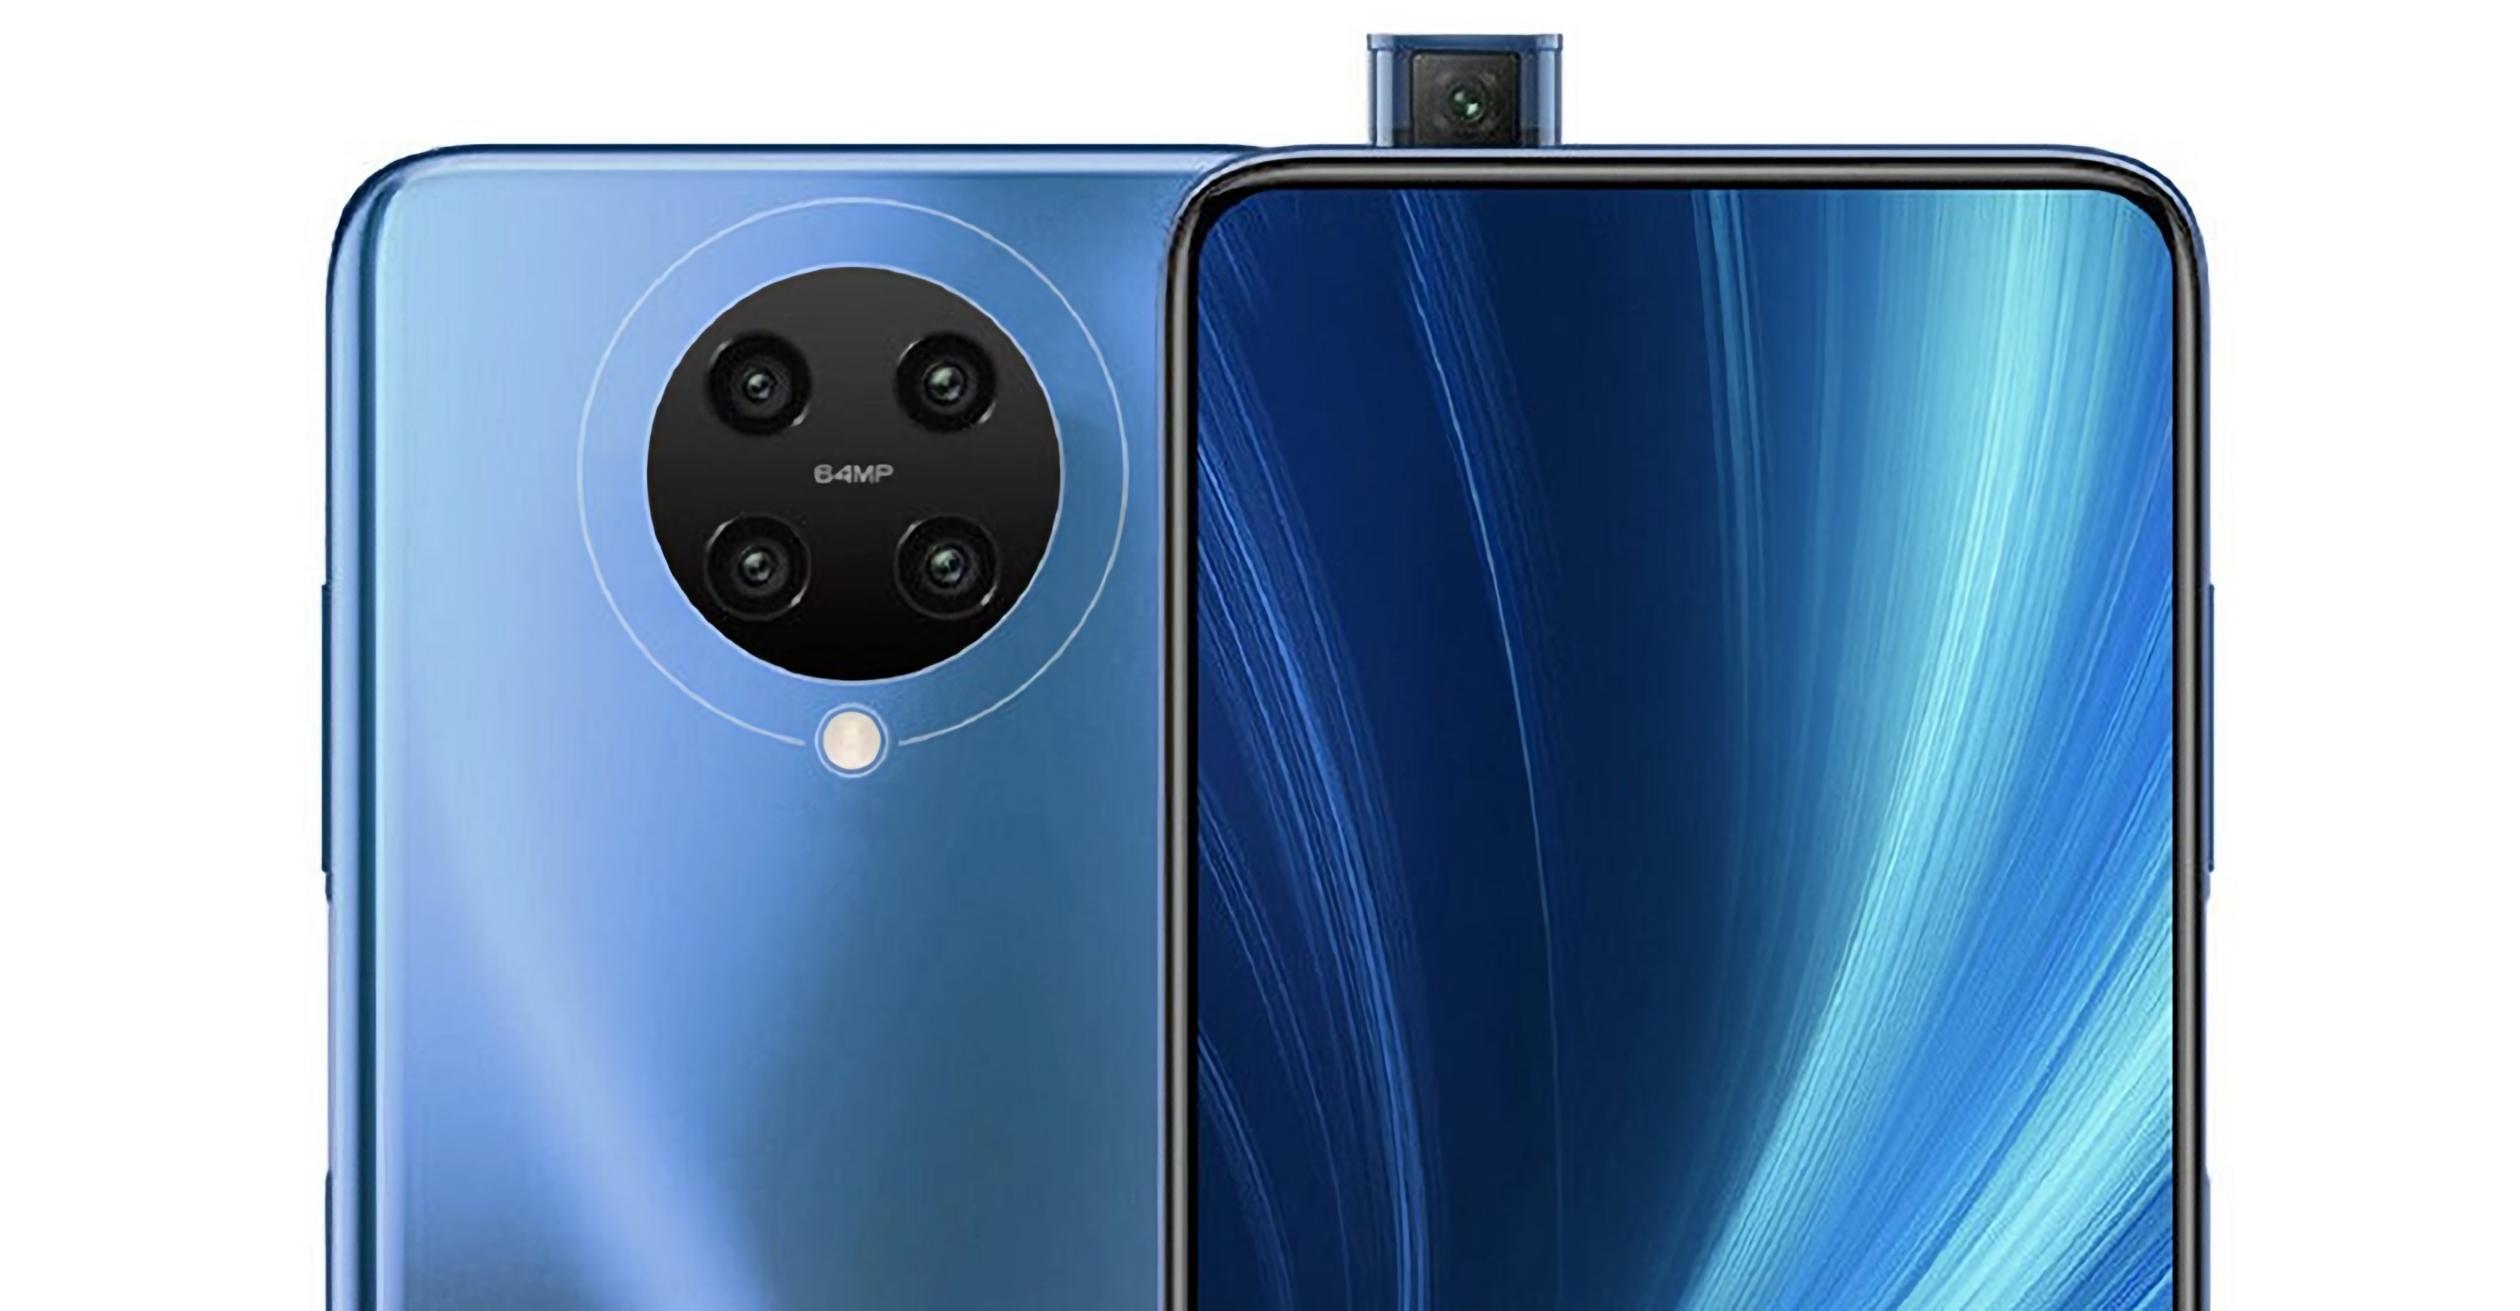 XDA: Xiaomi готовит к выходу Redmi K30 Ultra с чипом MediaTek Dimensity и выезжающей фронтальной камерой, как у Redmi K30 Pro